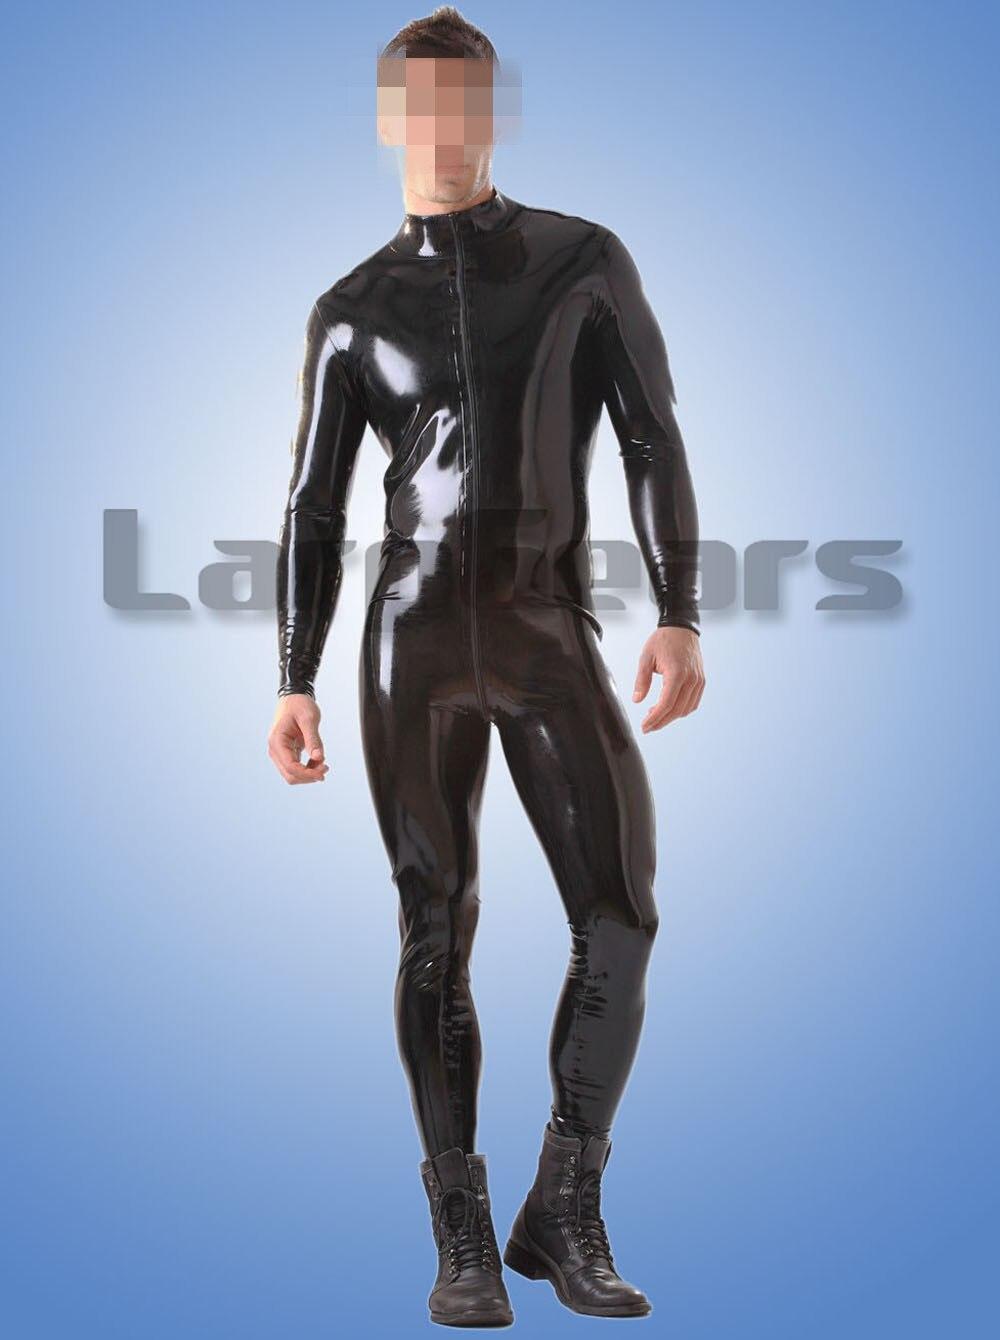 100% Latex Gummi Zentai Catsuit 0,4mm Fetisch Mann Latex Body Anzug Tragen